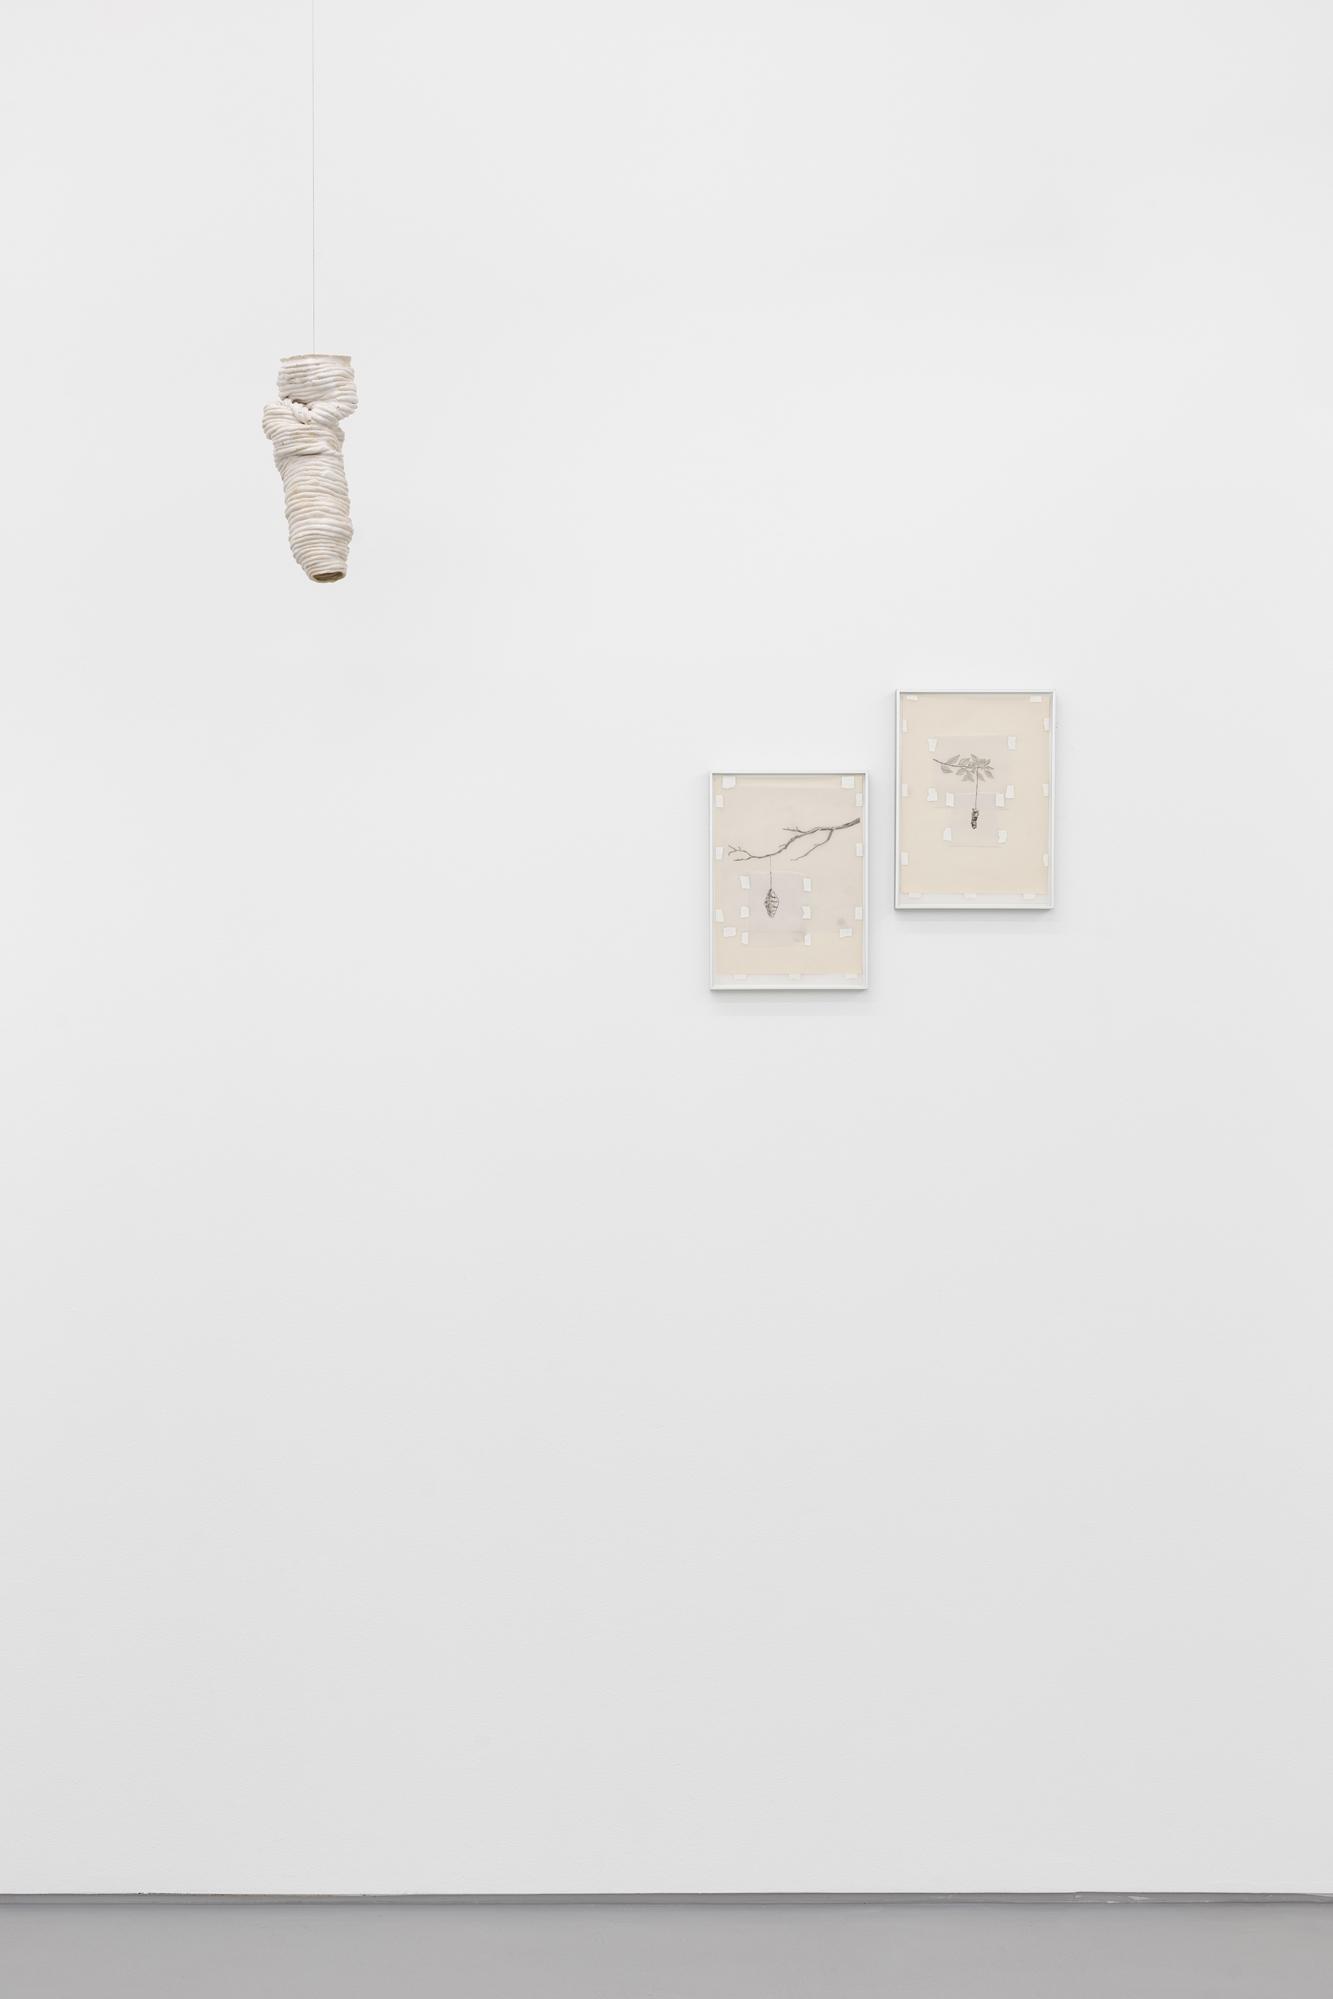 Carlos Bunga, Casulo #5; Casulo IV, Casulo V, 2021. Stoneware; pencil on tracing paper and paper, tape. 25,2 x 12 cm; 2: 31 x 32 cm